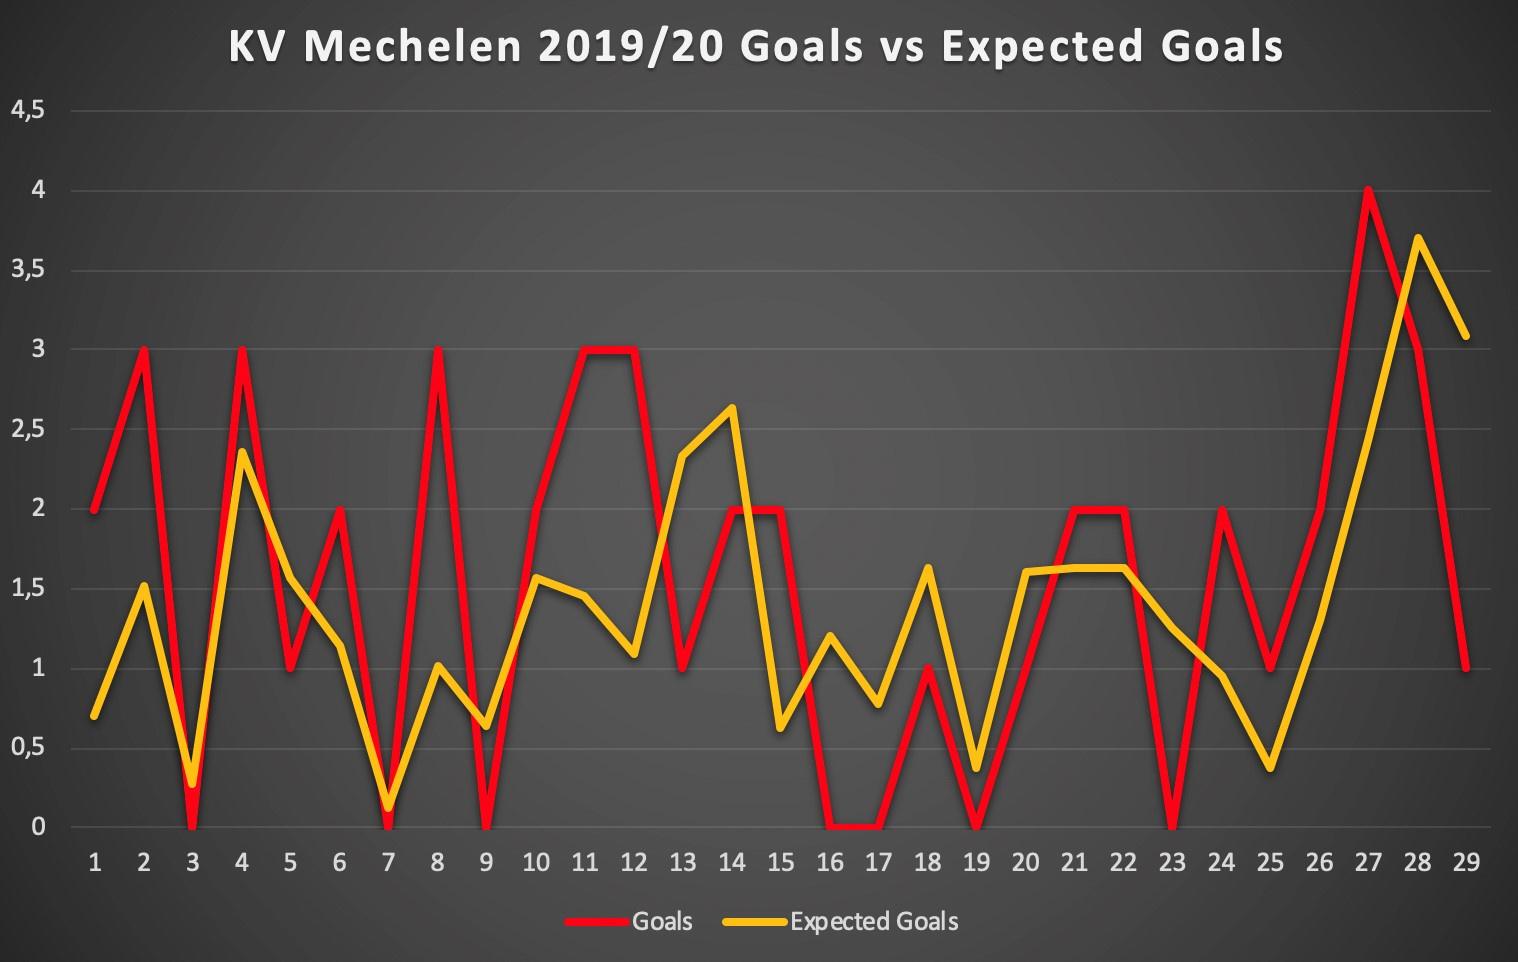 De verhouding tussen de gemaakte doelpunten en de 'verwachte' doelpunten op basis van de hoeveelheid en de kwaliteit van de doelpogingen (Expected Goals). Vooral in het eerste deel van het seizoen scoorde KV Mechelen relatief veel doelpunten uit weinig of kleine kansen., Redactie